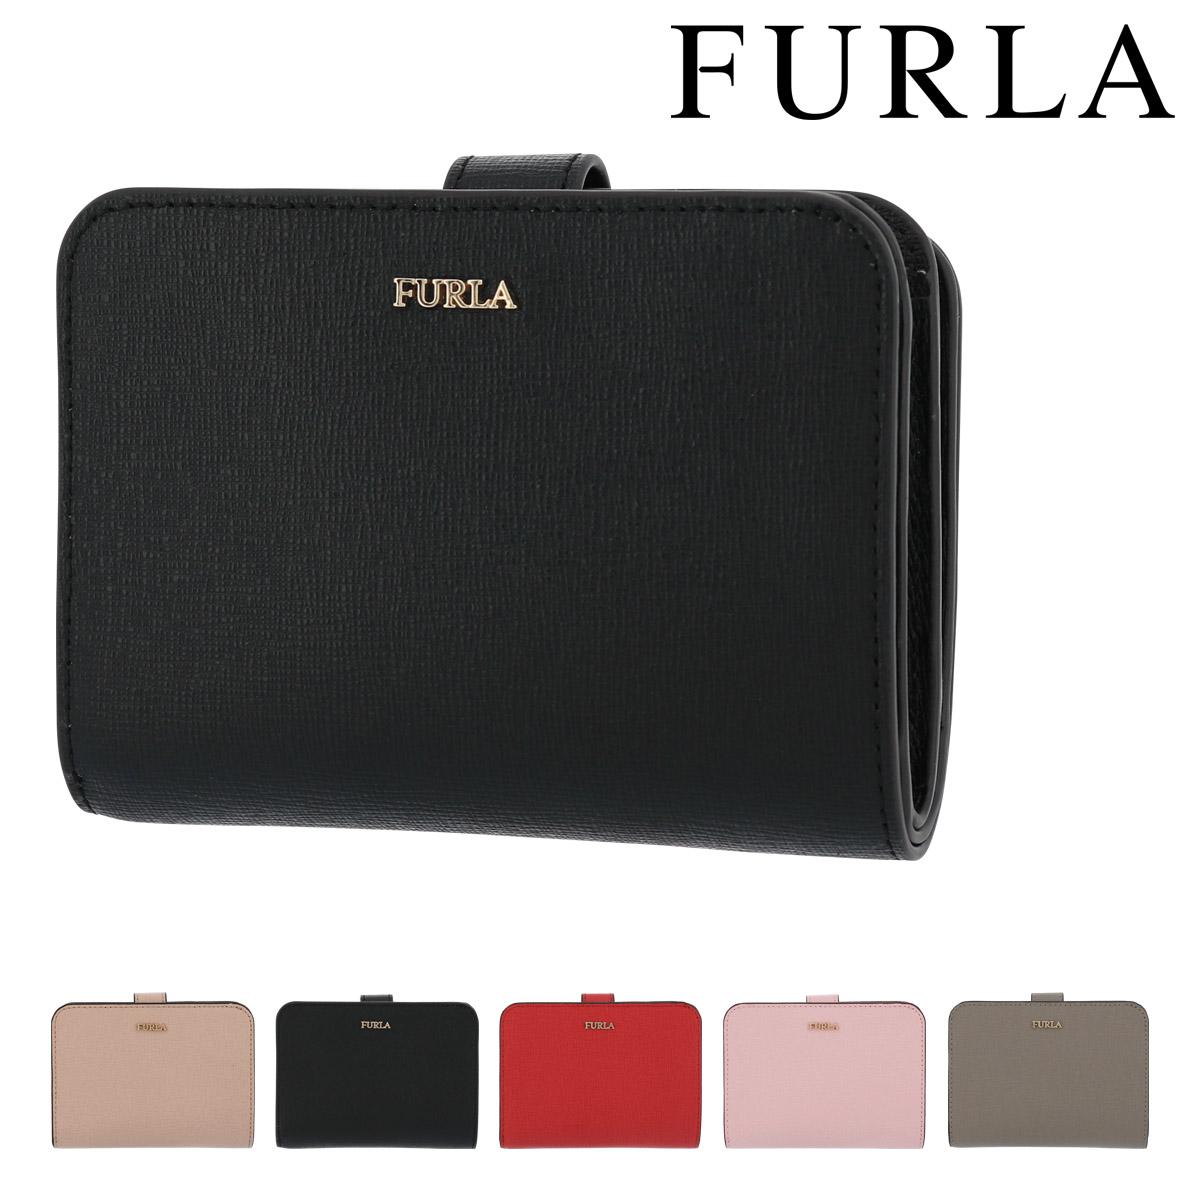 フルラ 二つ折り財布 バビロン レディース PBF8 FURLA | 牛革 本革 レザー ブランド専用BOX付き